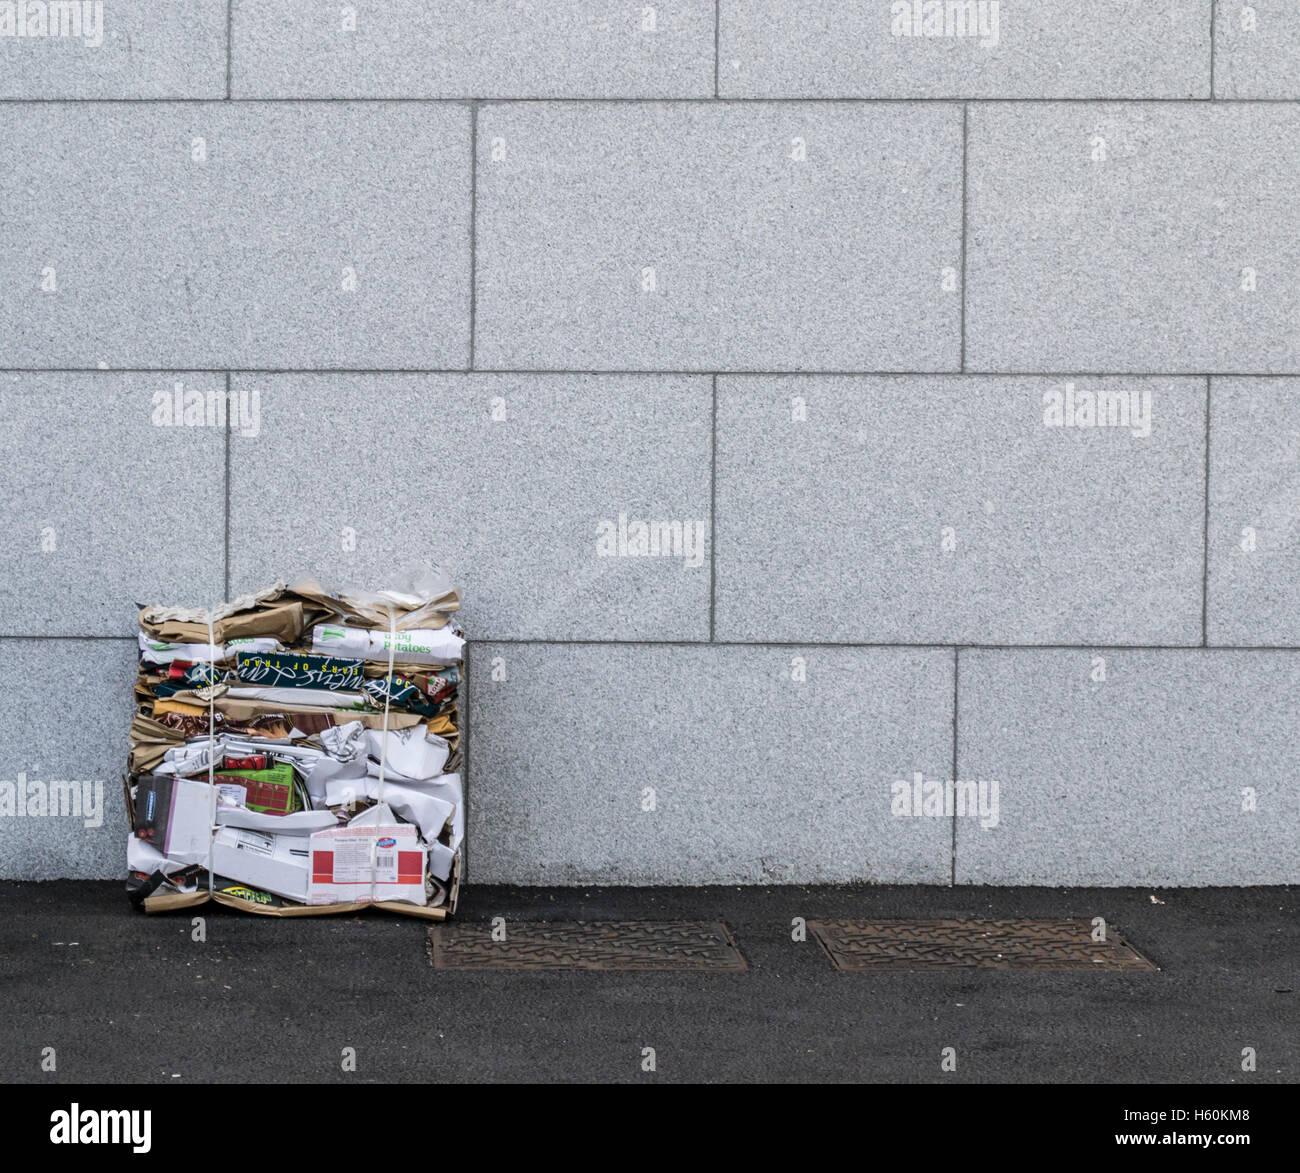 Abgeflacht, Papier und Pappe recycling sitzt gegen eine graue Steinmauer mit Kanalabdeckungen auf dem Weg Stockbild